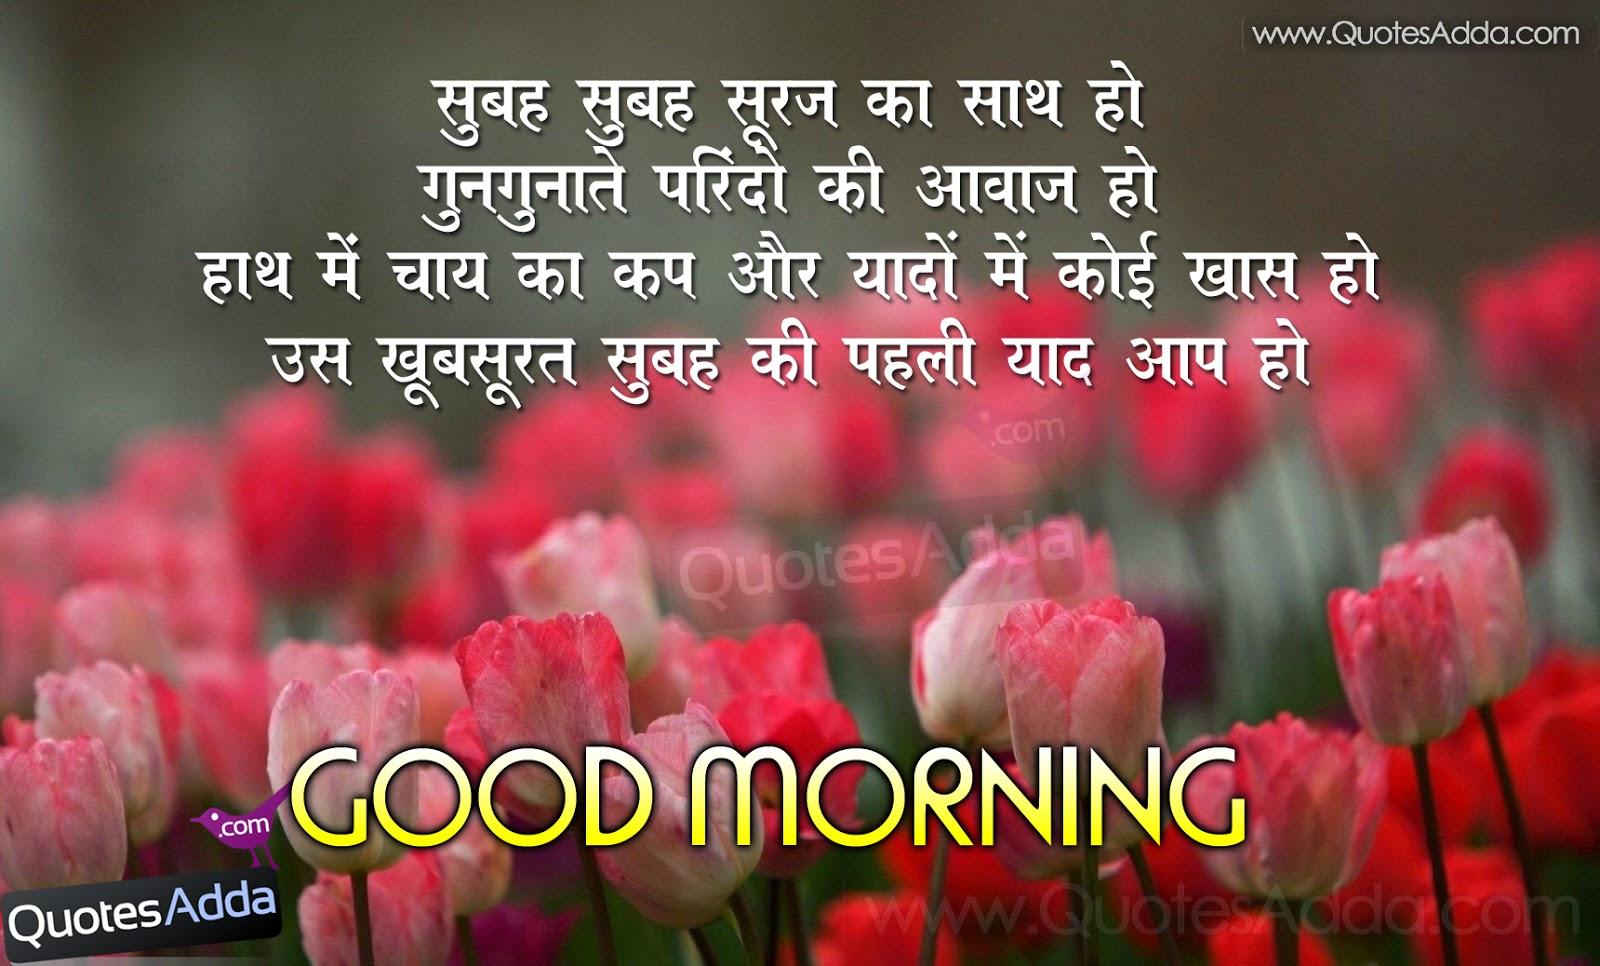 Good Morning Quotes In Hindi: Ajay Chavhan